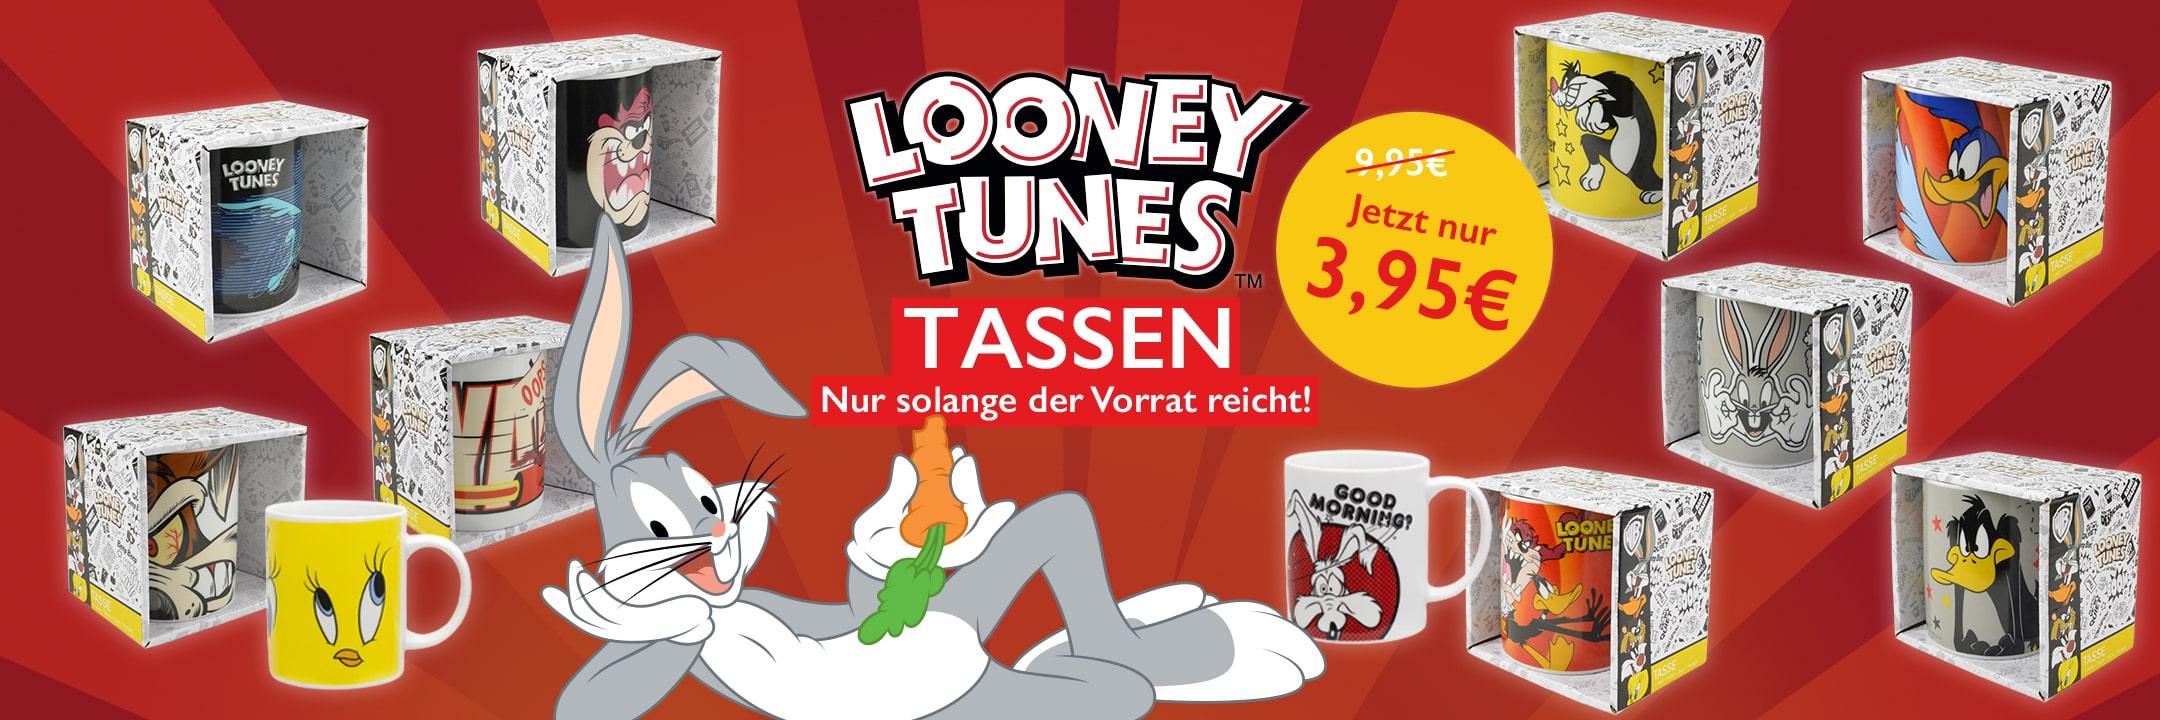 Aktion: Tassen von den Looney Tunes